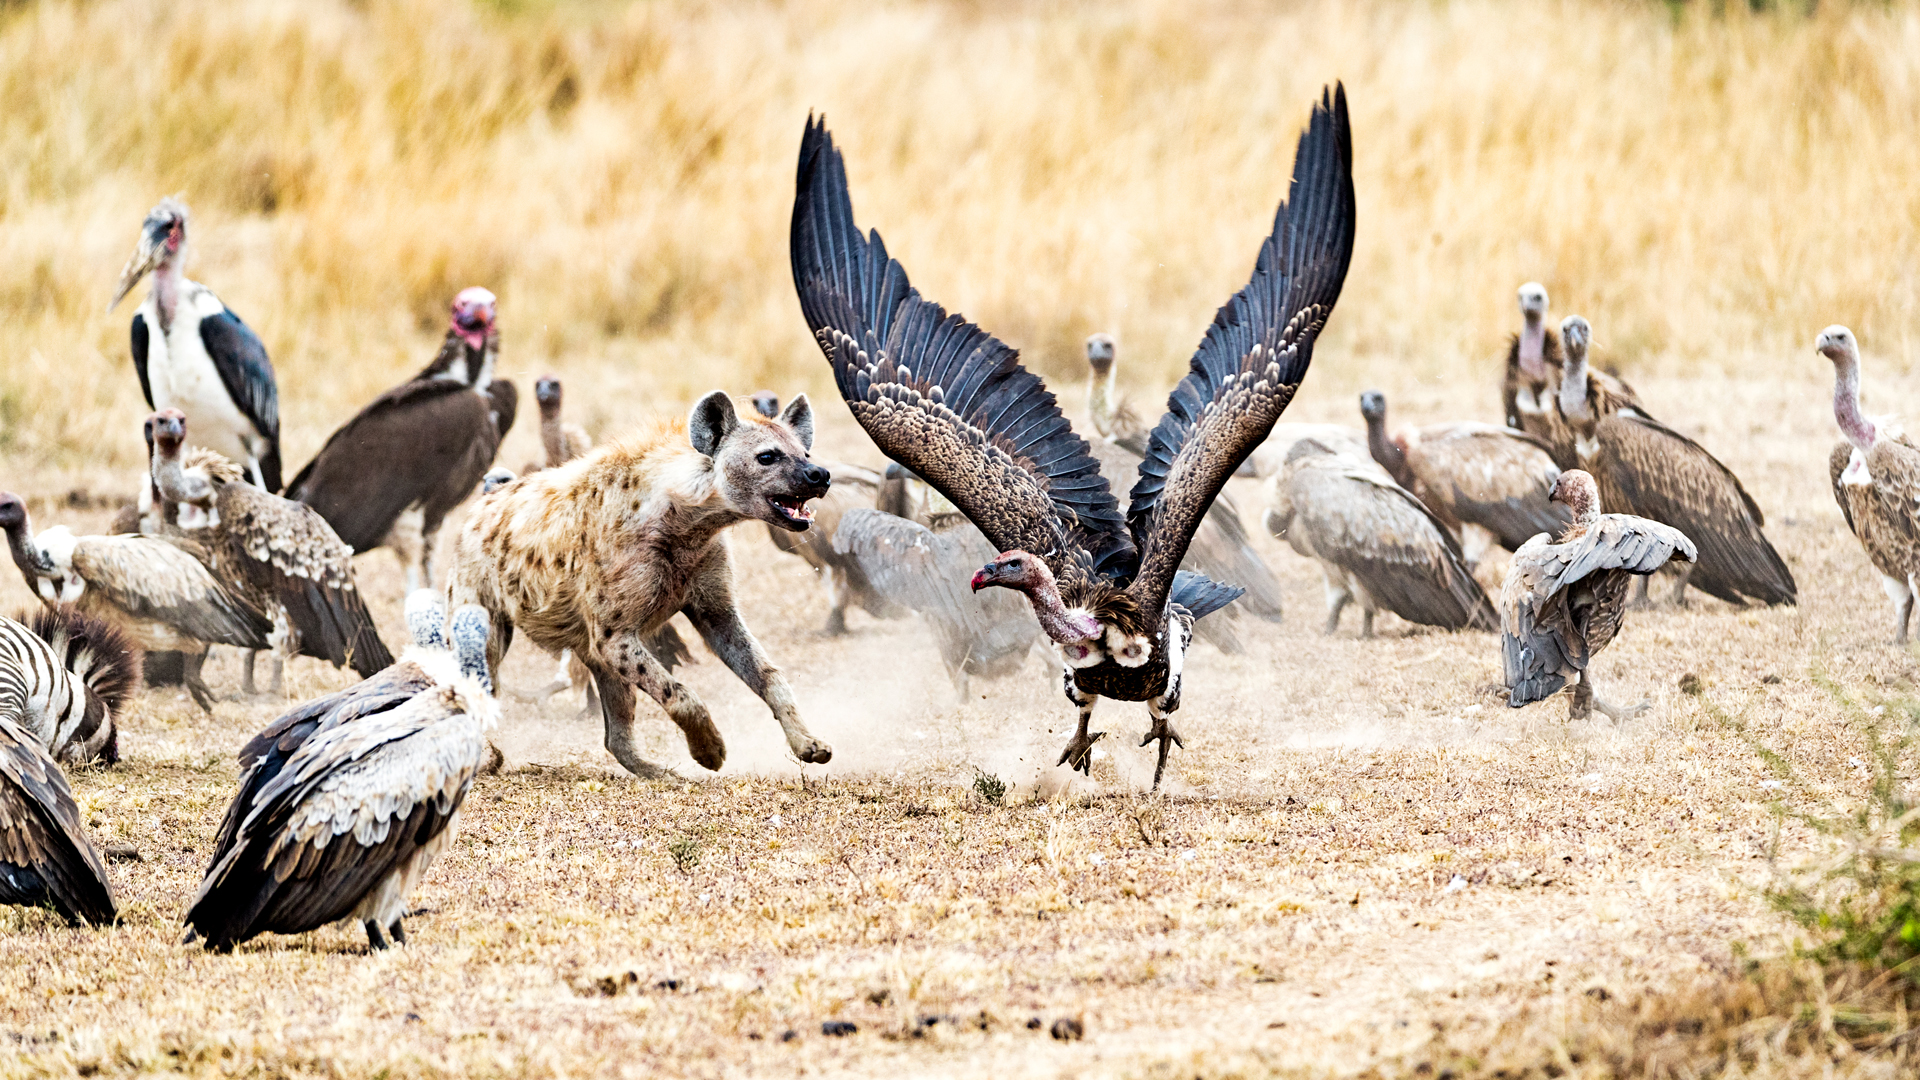 Scavengers in Kenya Africa.jpg